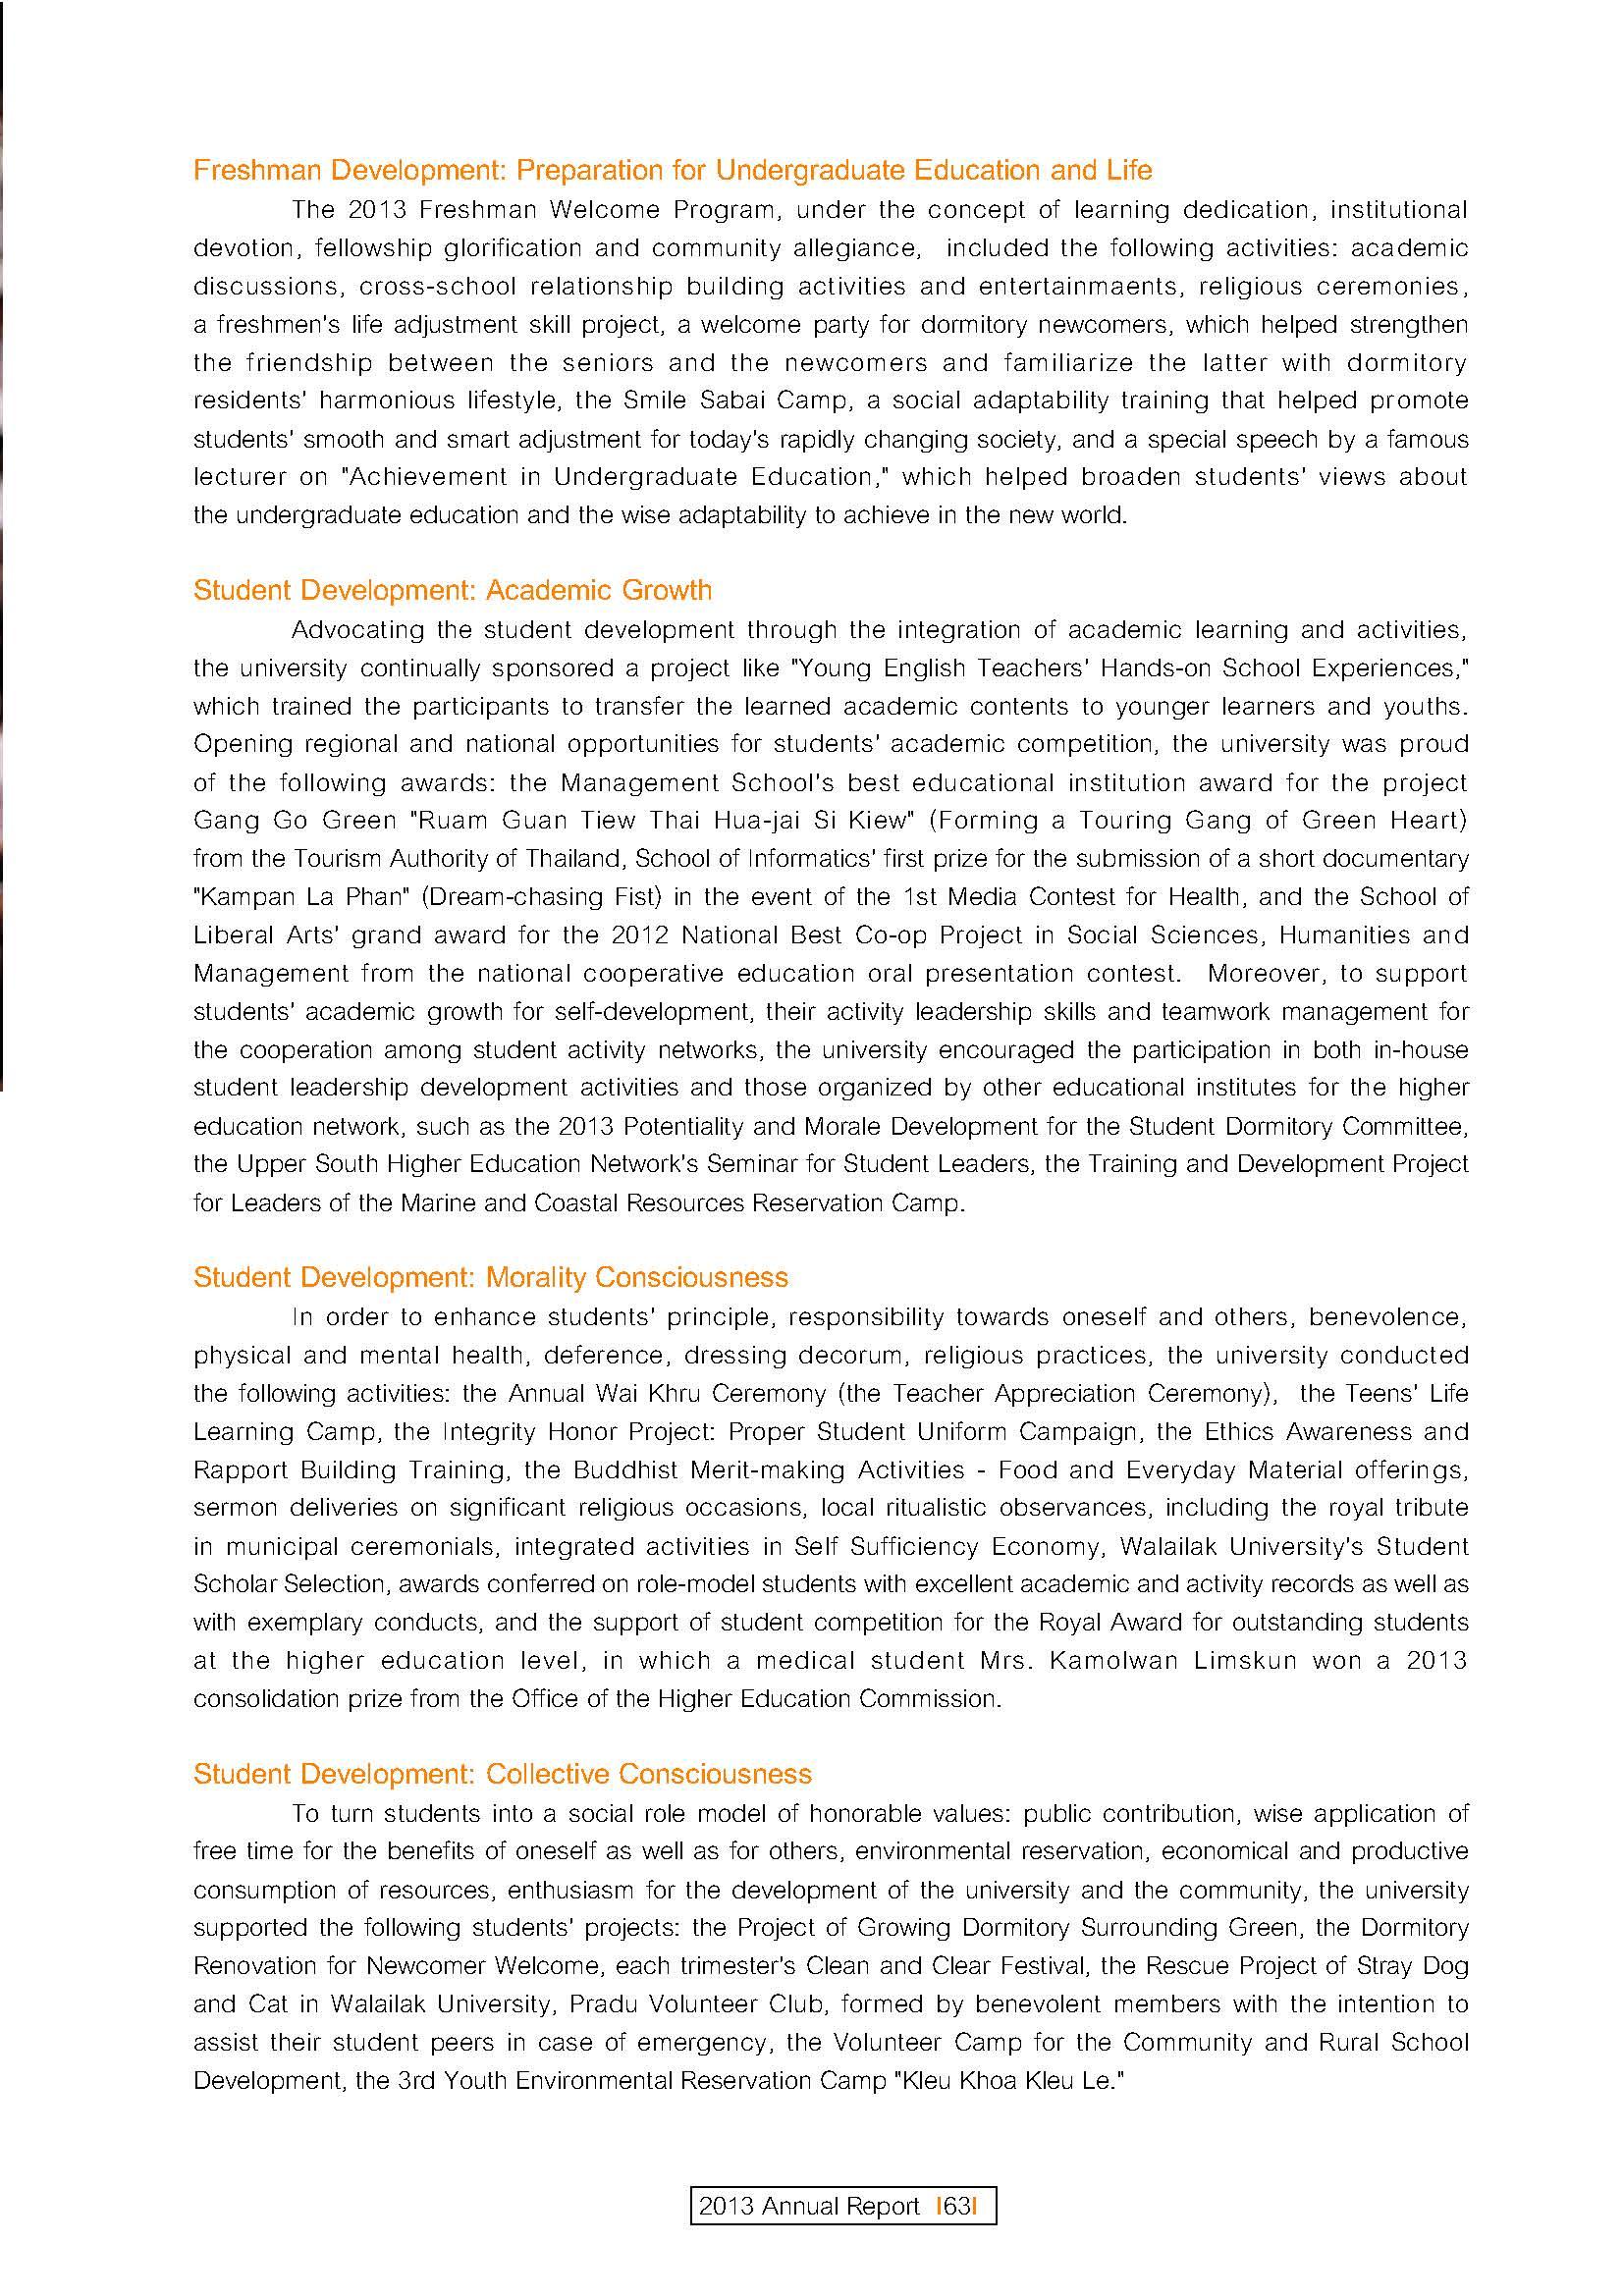 รายงานประจำปี2013ภาษาอังกฤษ_Page_63